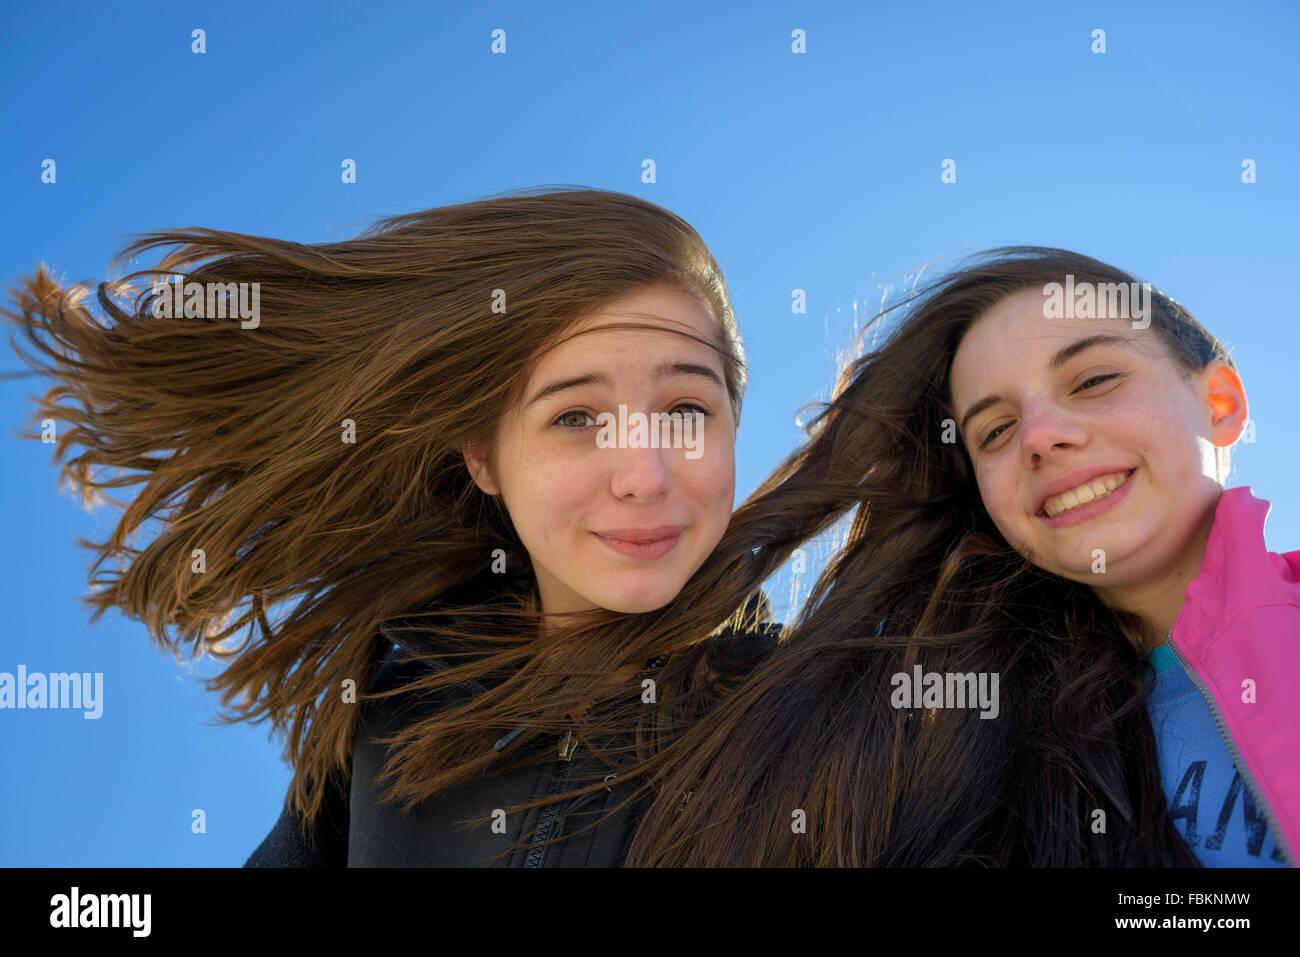 Giovani ragazzi prendendo un selfie su una spiaggia di Ventoso Cape May New Jersey. Immagini Stock